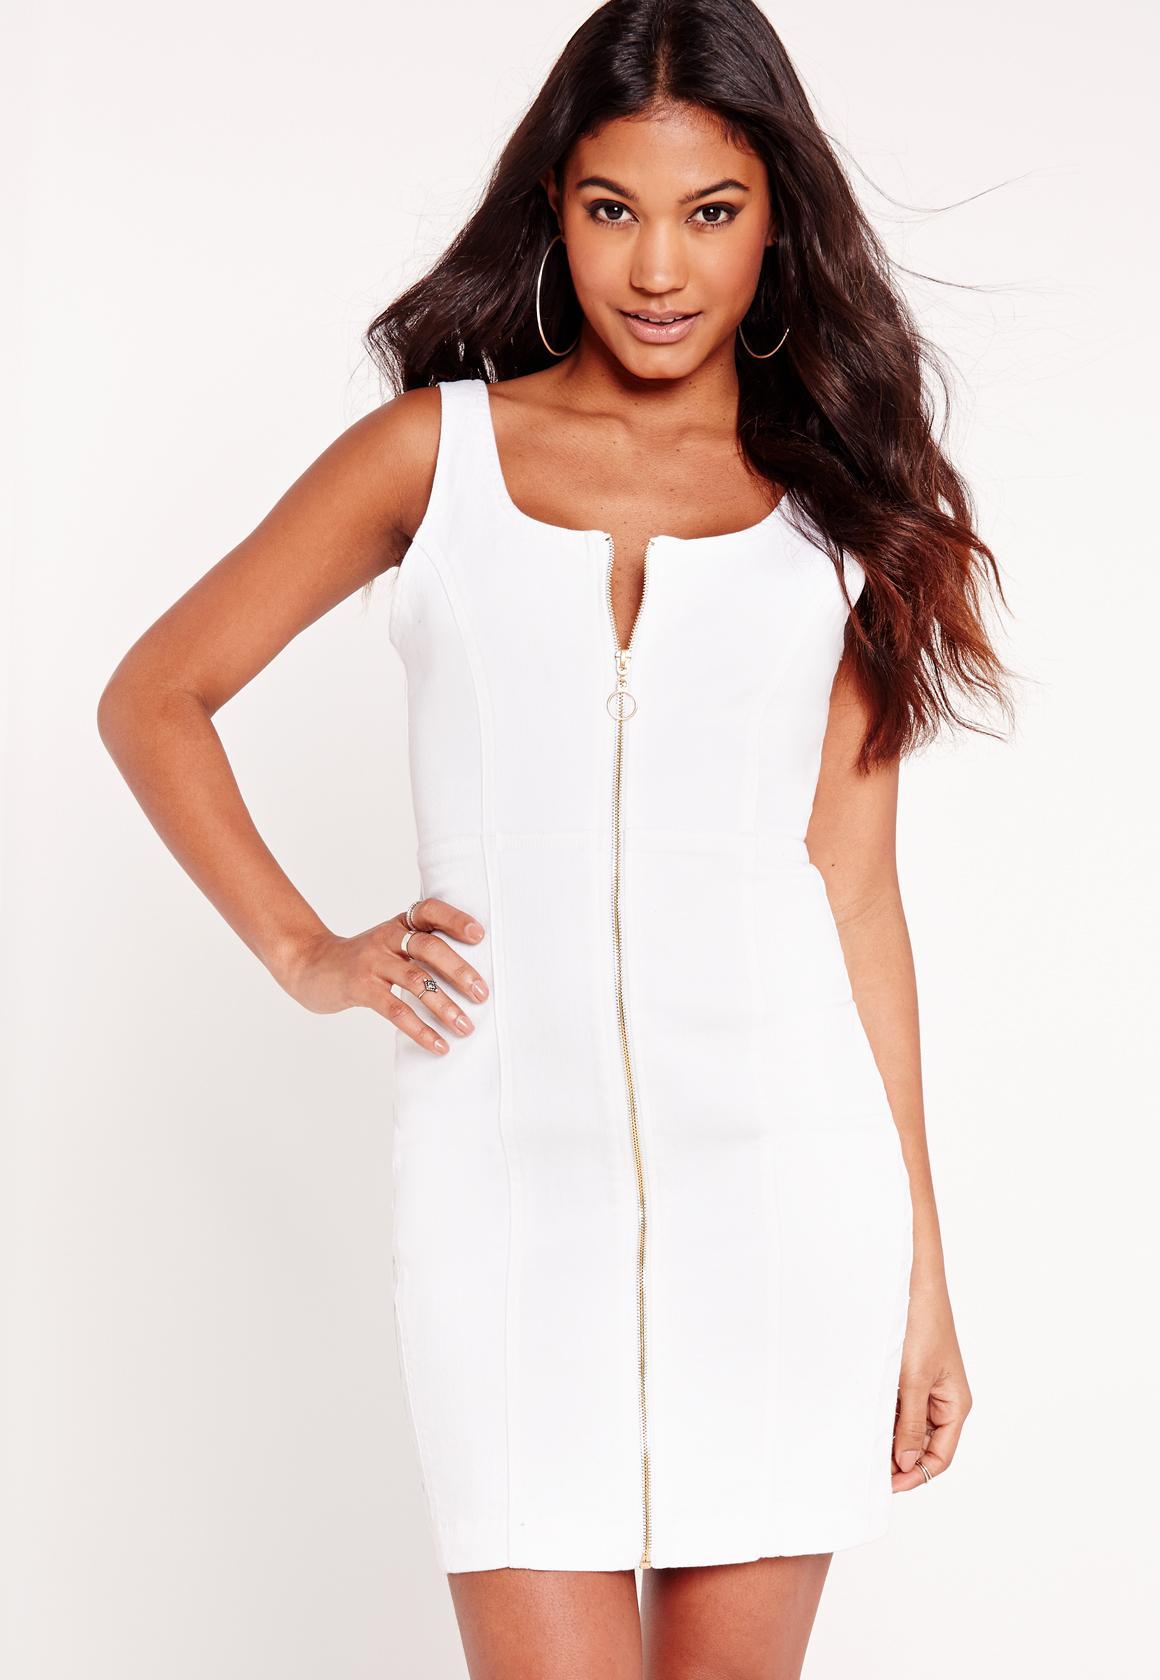 Combinar vestido blanco ajustado